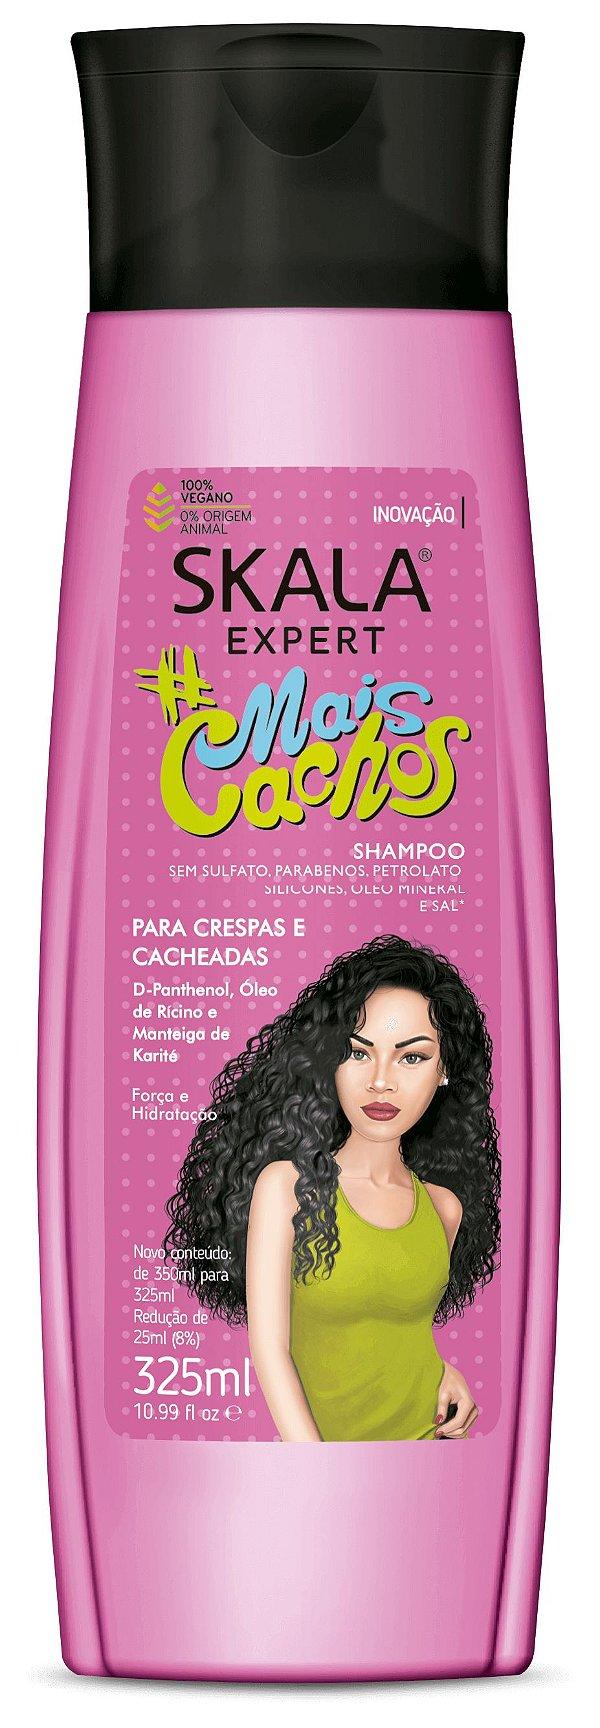 Shampoo Mais Cachos Skala Expert 325ml.